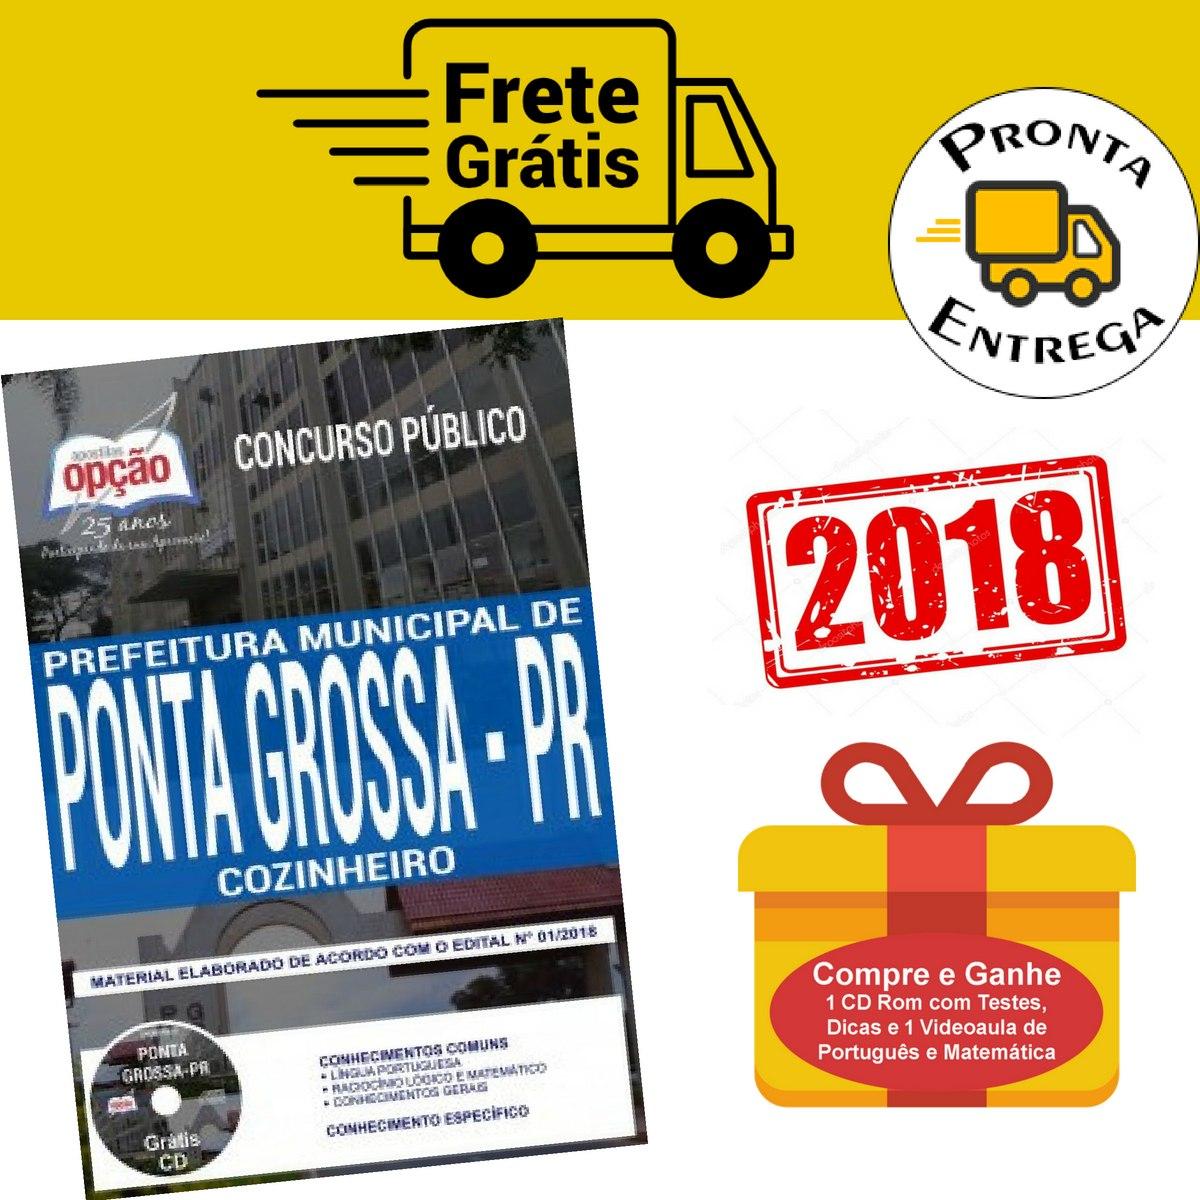 Apostila Cozinheiro Prefeitura Ponta Grossa Pr 2018 - R  63,39 em ... ac08c13de4